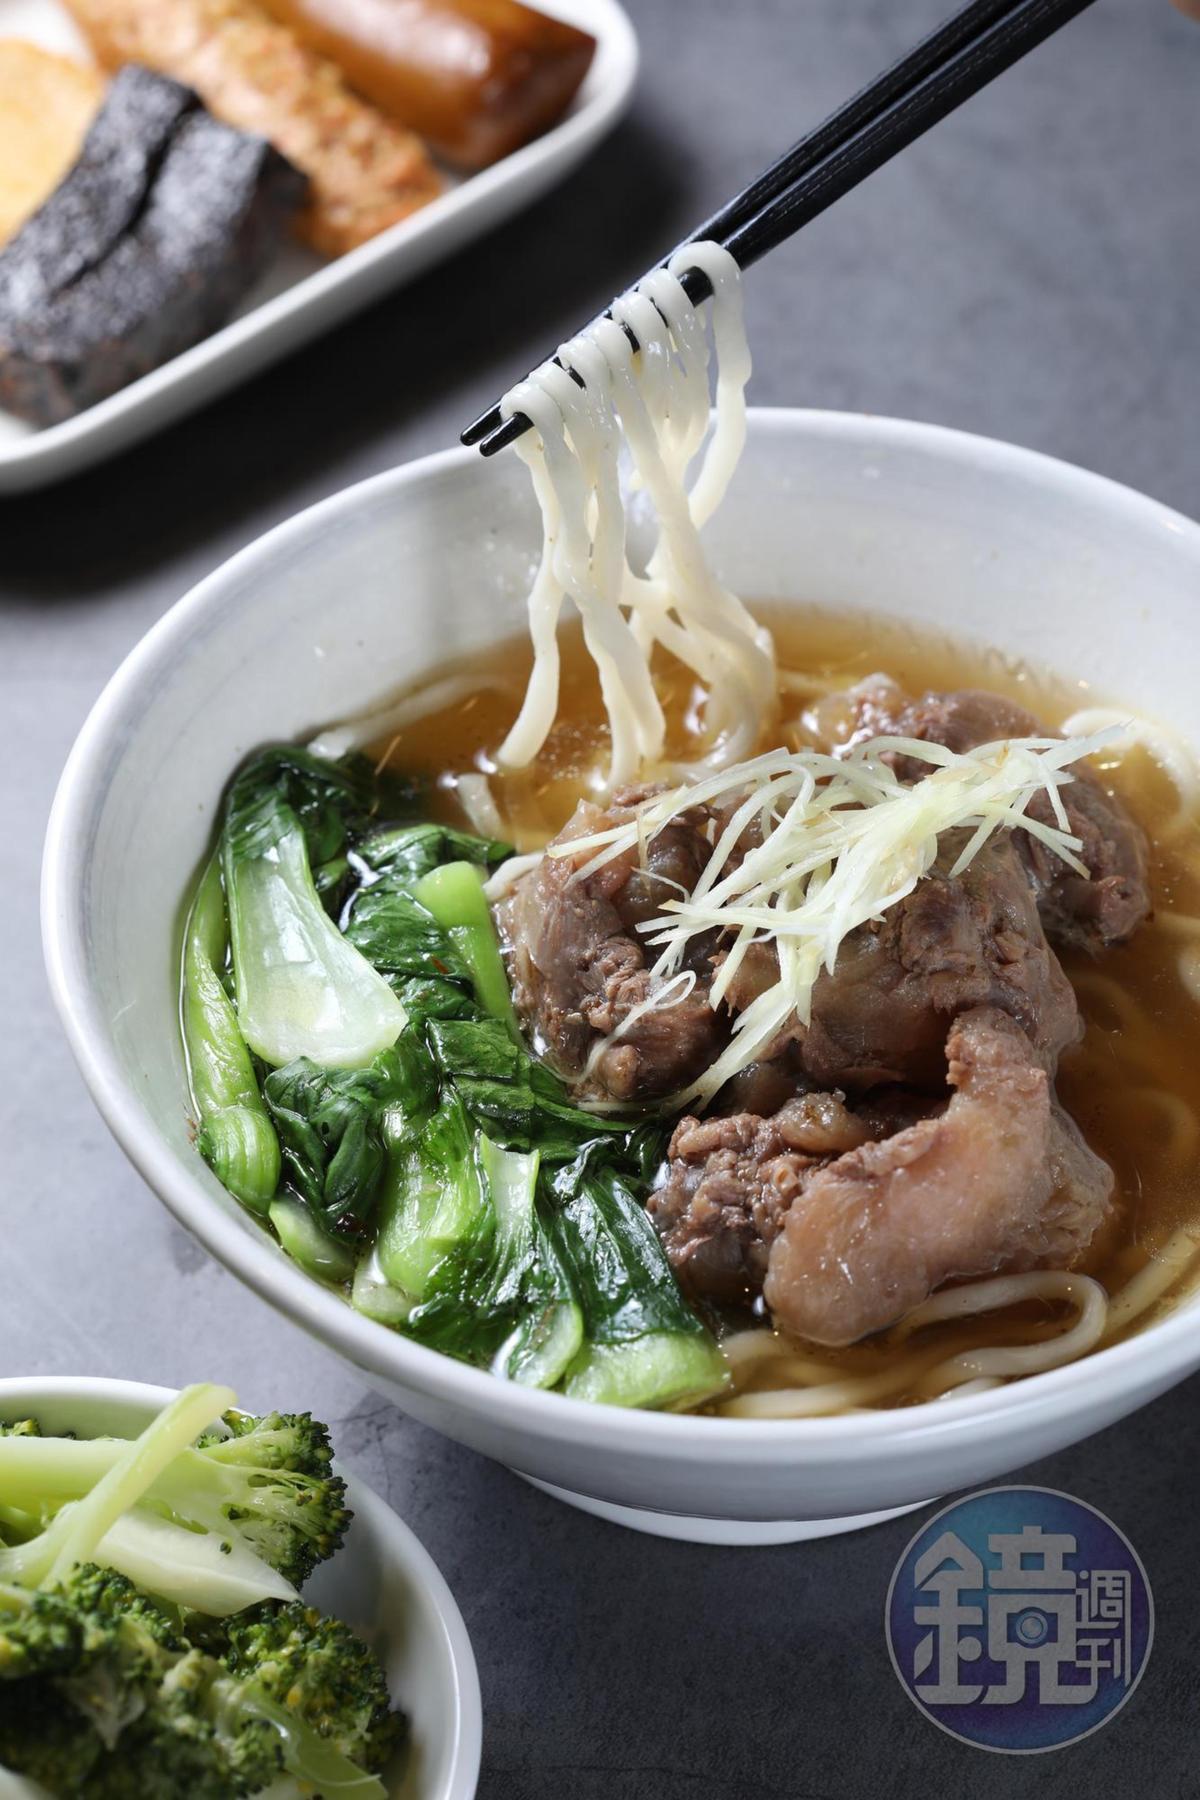 「清燉筋包肉牛肉麵」本是筋最多的肌腱兩端,處理得當也能化為美食。(240元/碗)